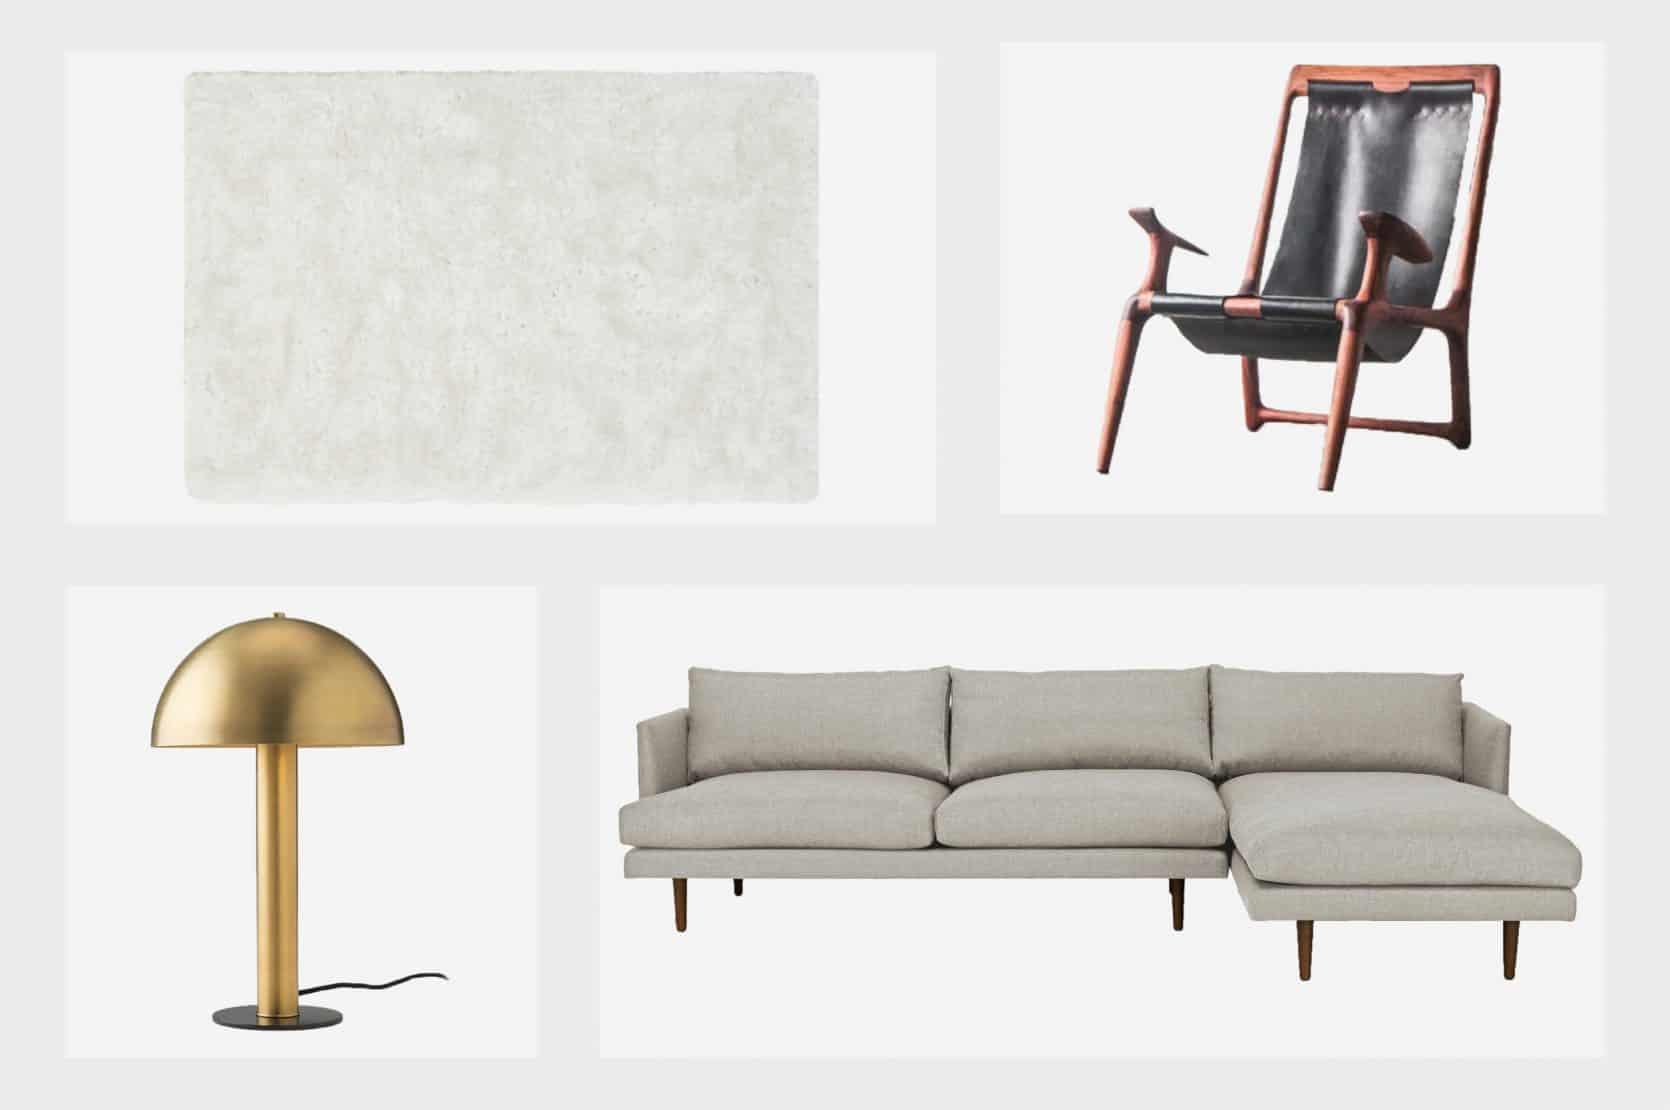 Emily Henderson Mountain Fixer Furniture I Already Had Roundup 01